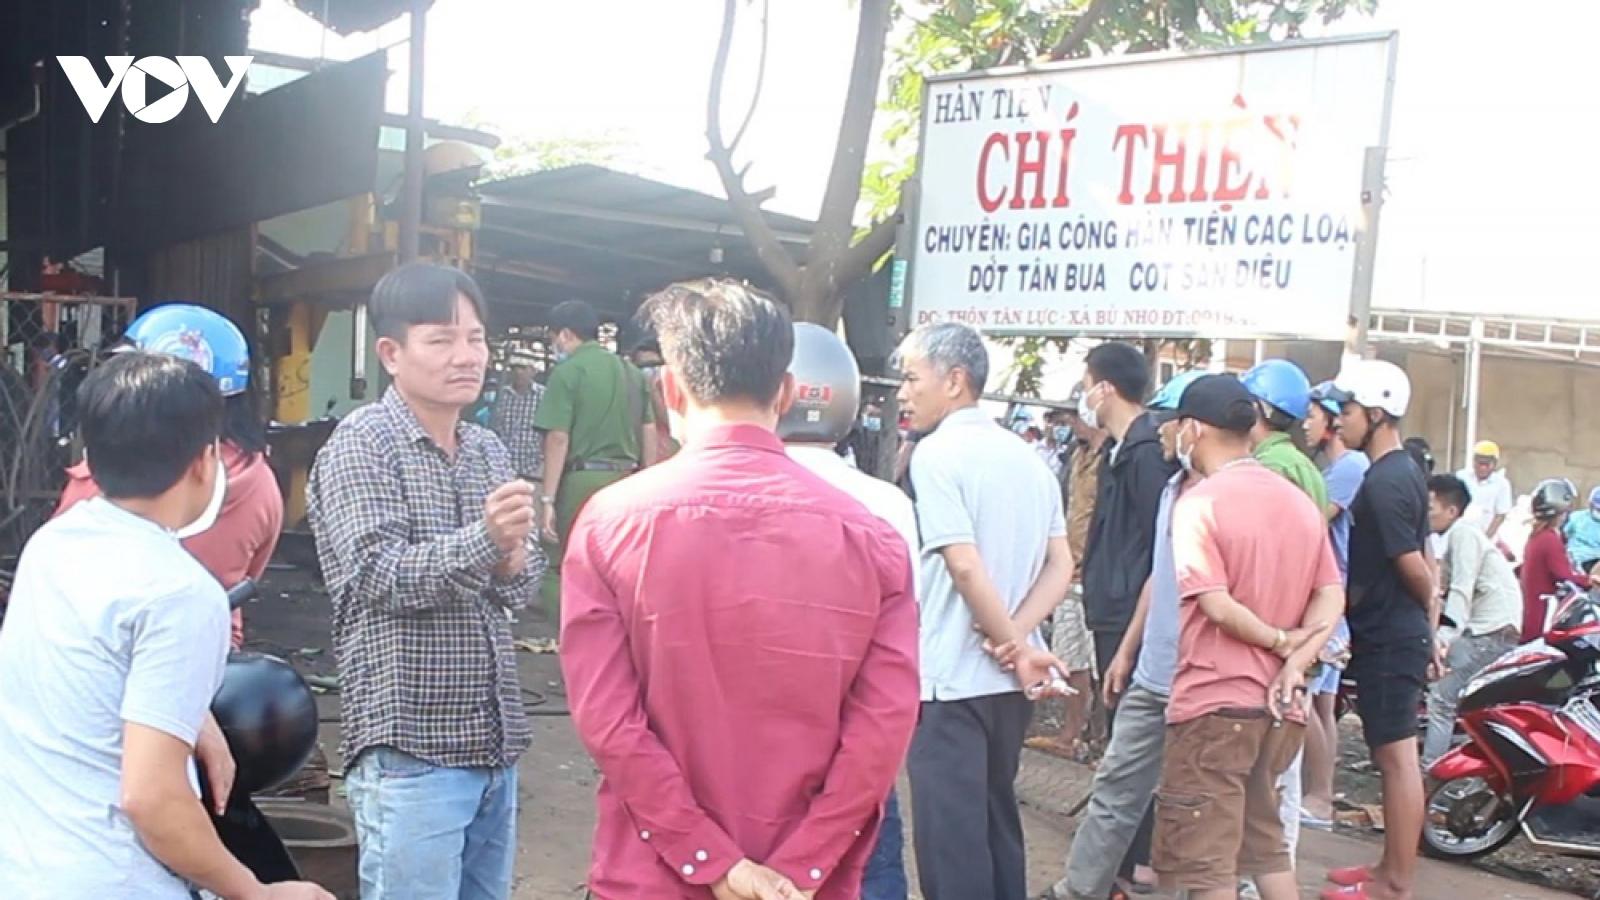 Lốp ô tô phát nổ, chủ gara ở Bình Phước tử vong tại chỗ